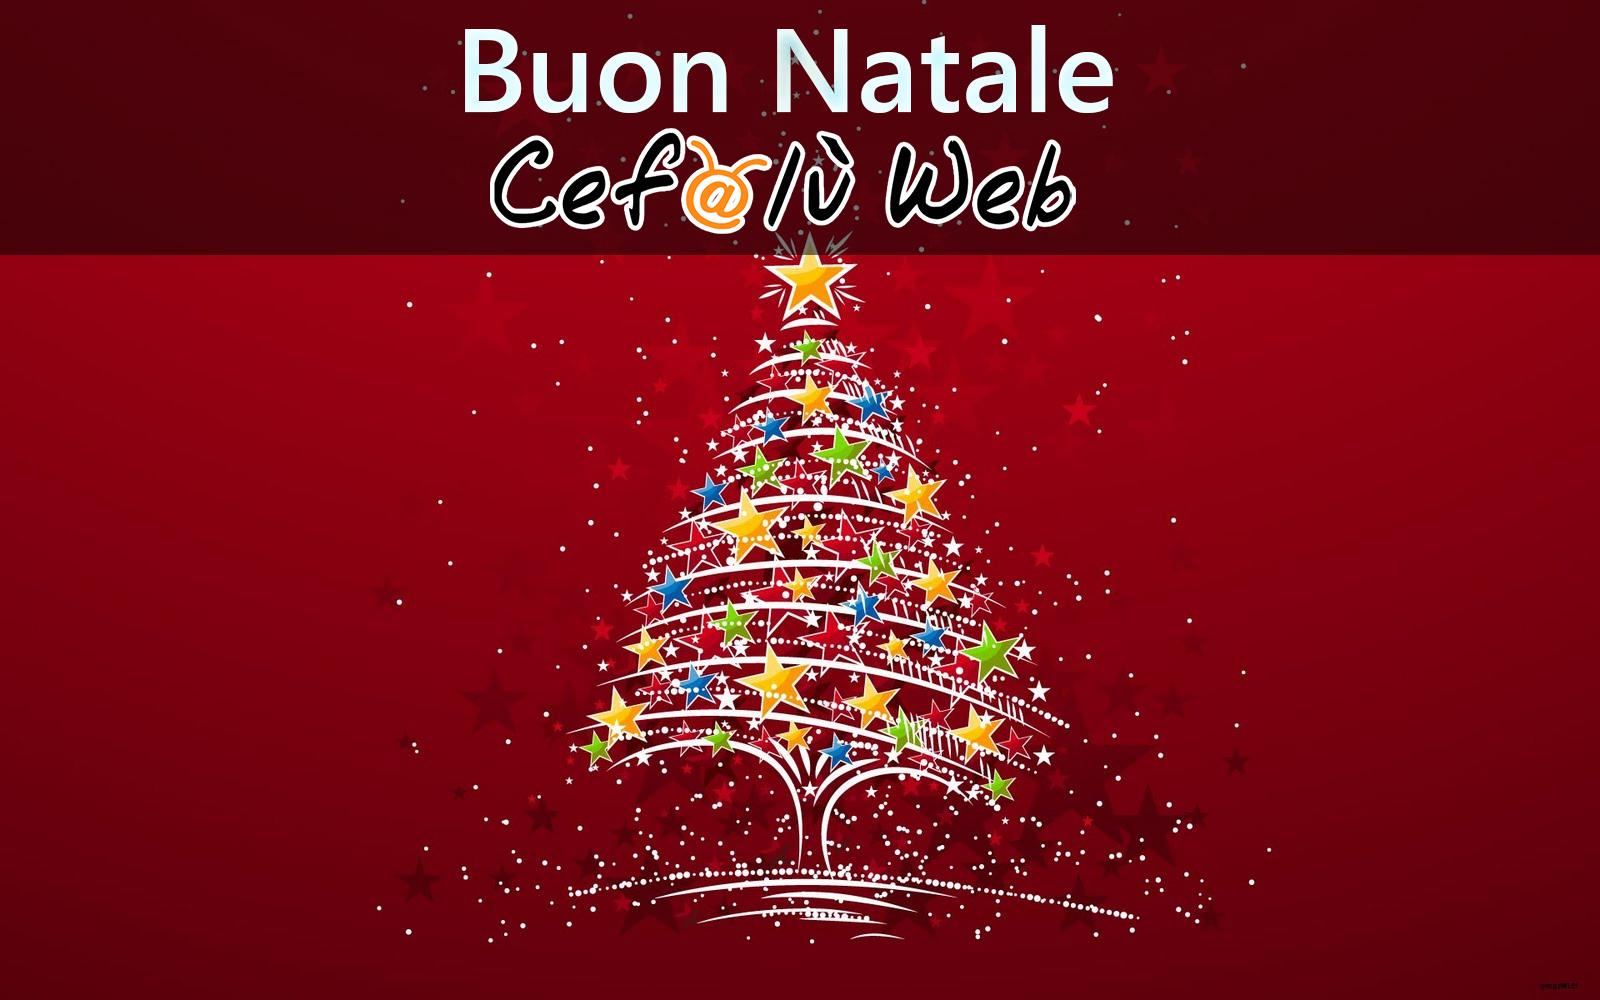 Cefalù Web vi augura Buon Natale!